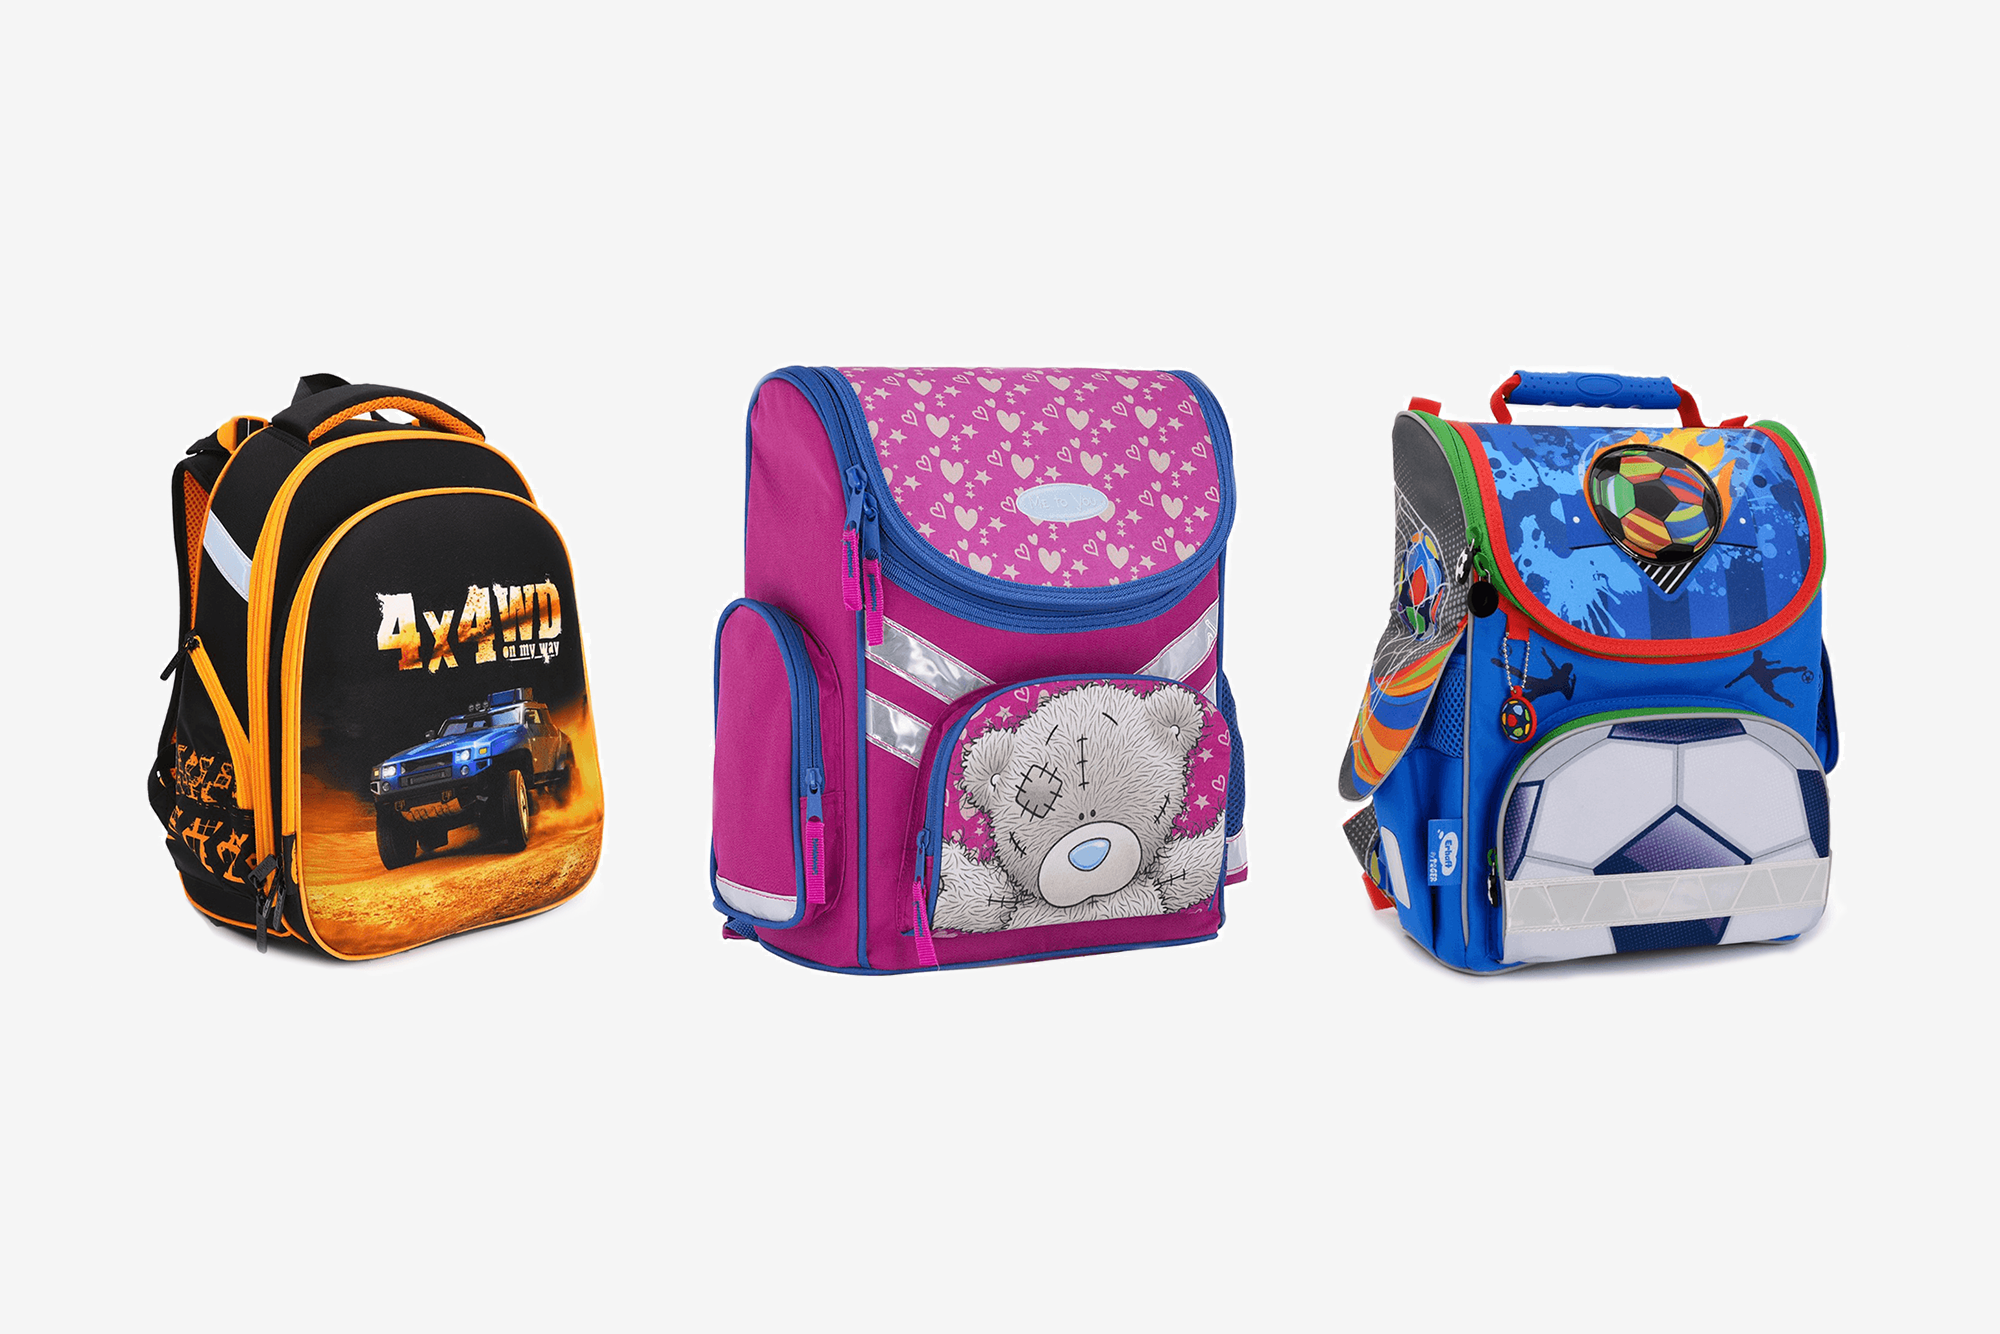 Если ребенок увидит рюкзак с Мстителями или Человеком-пауком, он не захочет никакой другой. Родители не устоят и купят, хотя рюкзак может быть неоправданно дорогим или неудобным. Предложите ребенку такое сочетание, из которого он точно выберет качественную и недорогую модель